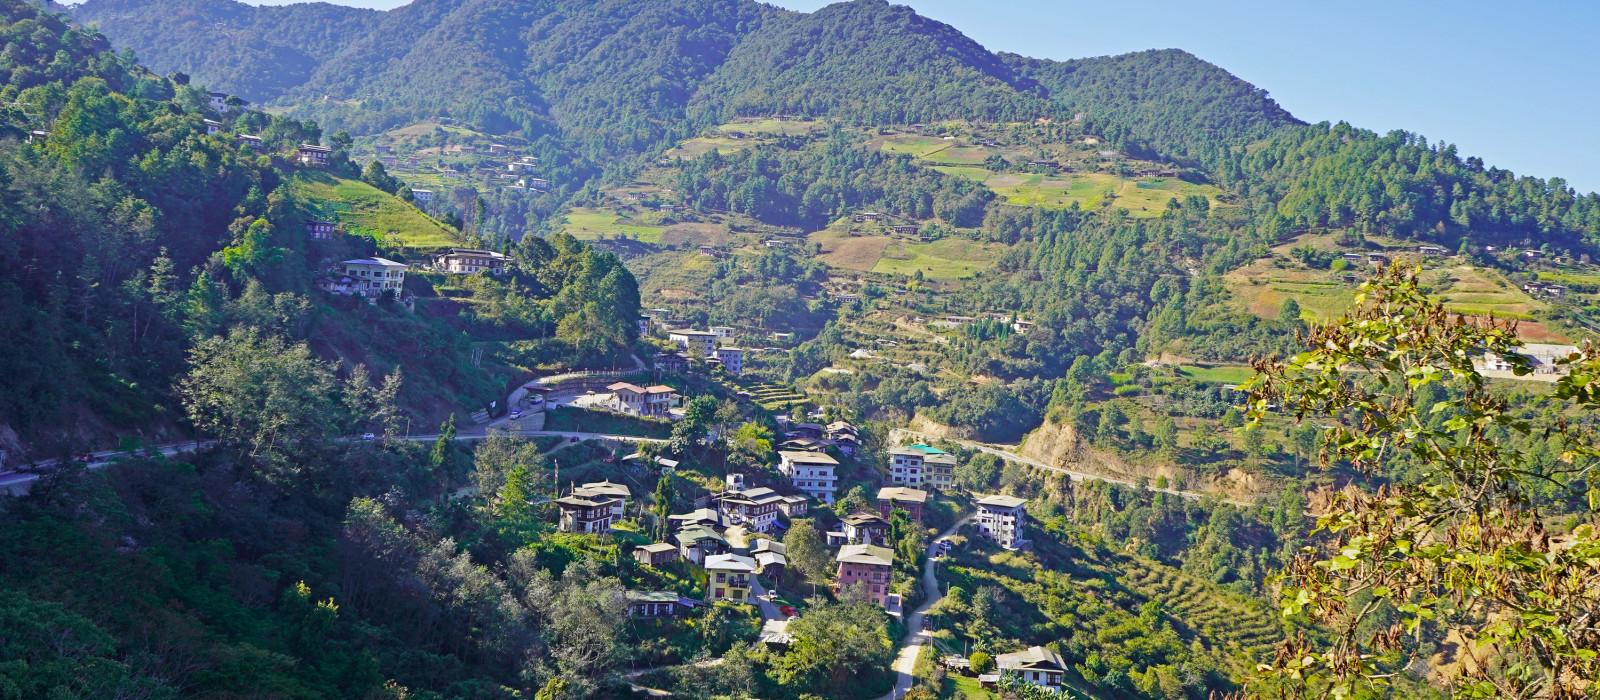 Destination Mongar Bhutan